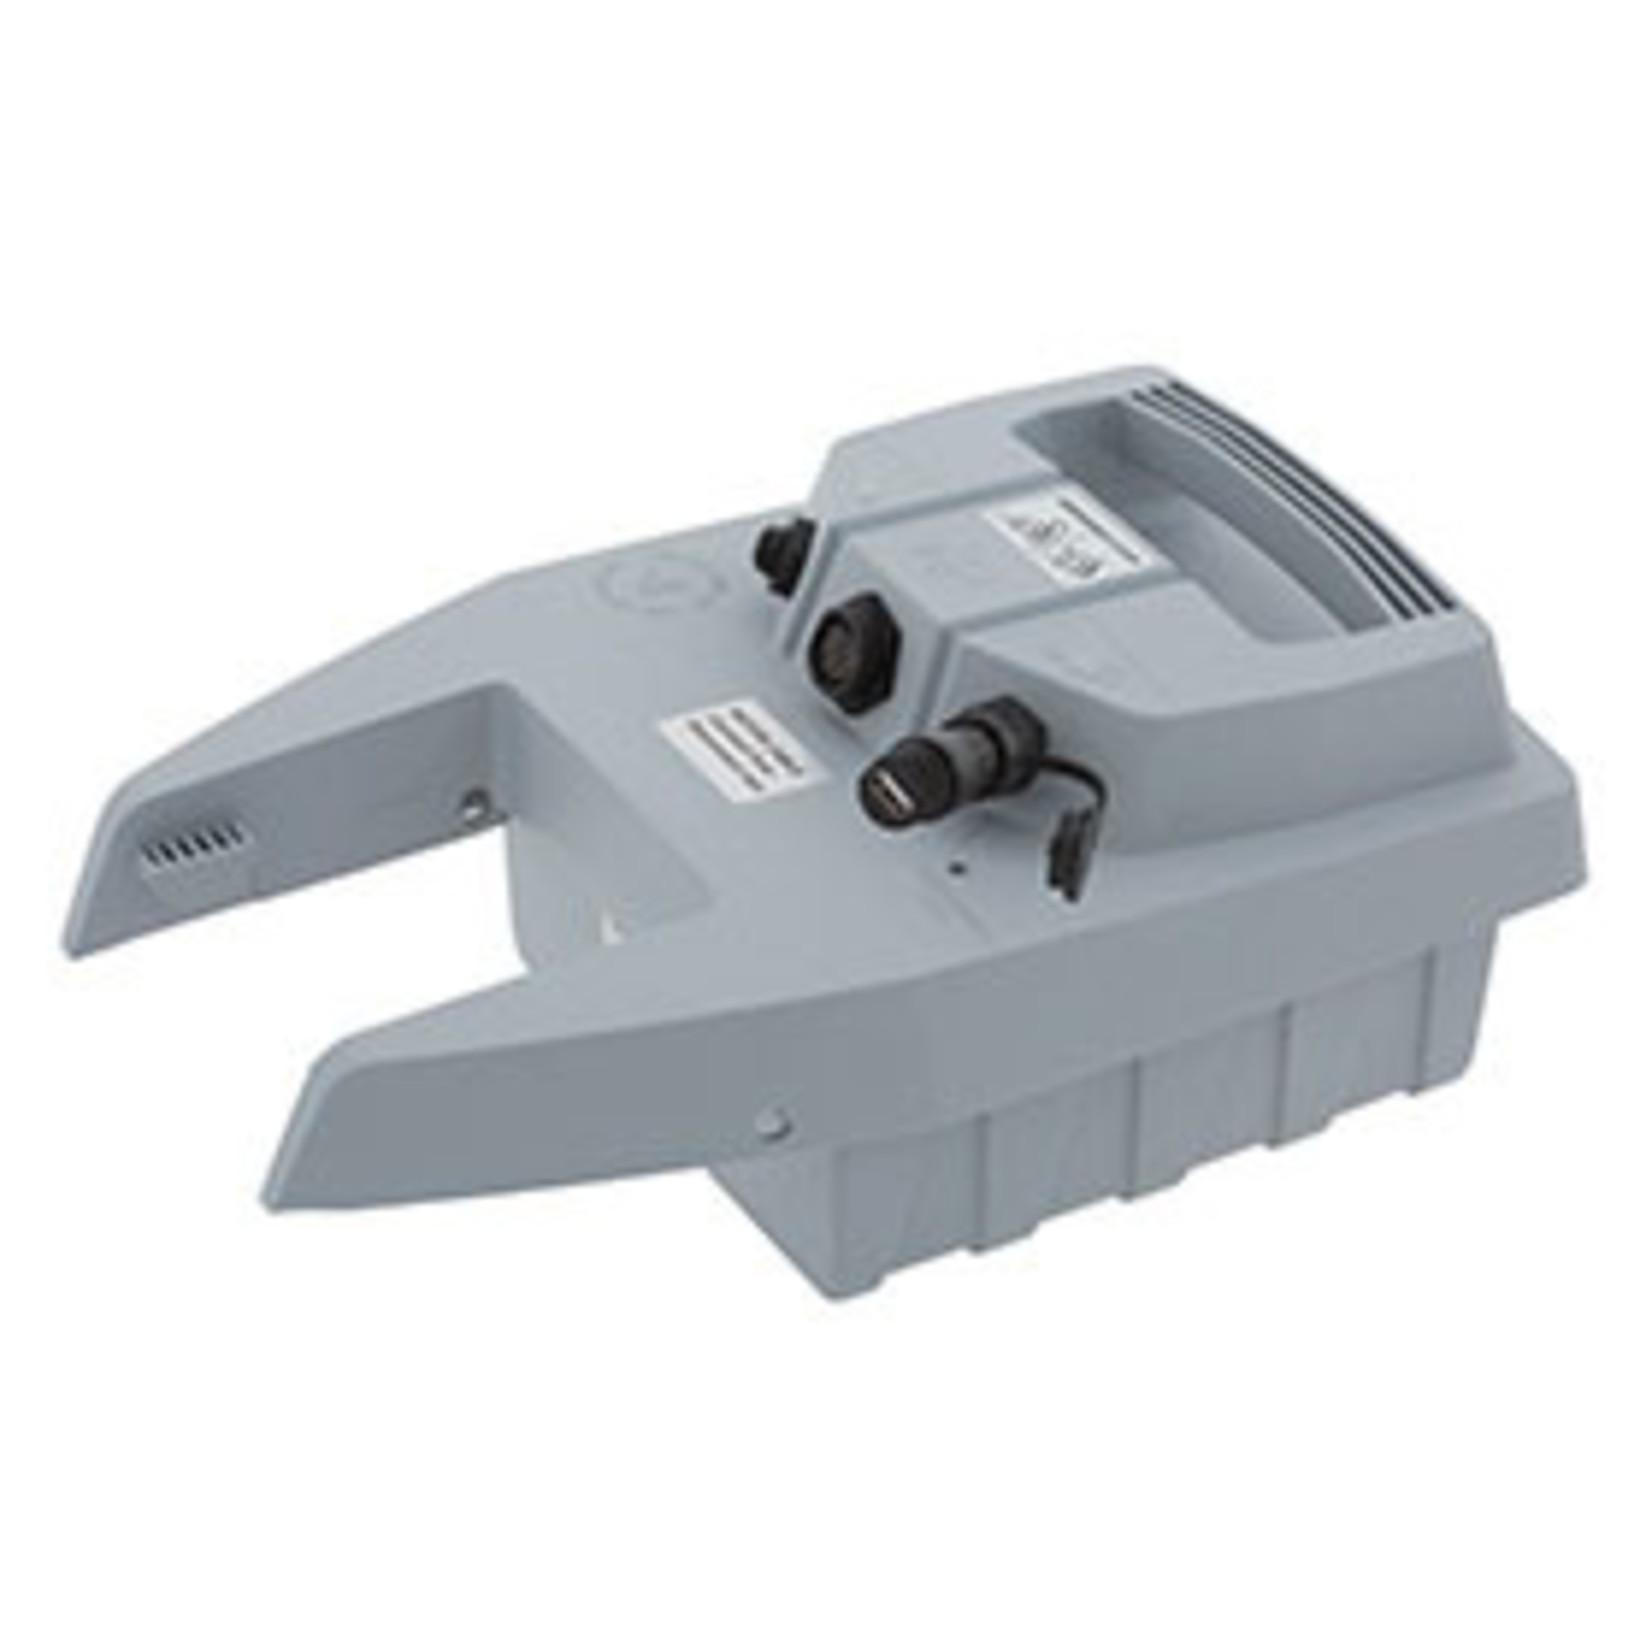 Torqeedo Spare battery 915 Wh - Torqeedo Travel 1103